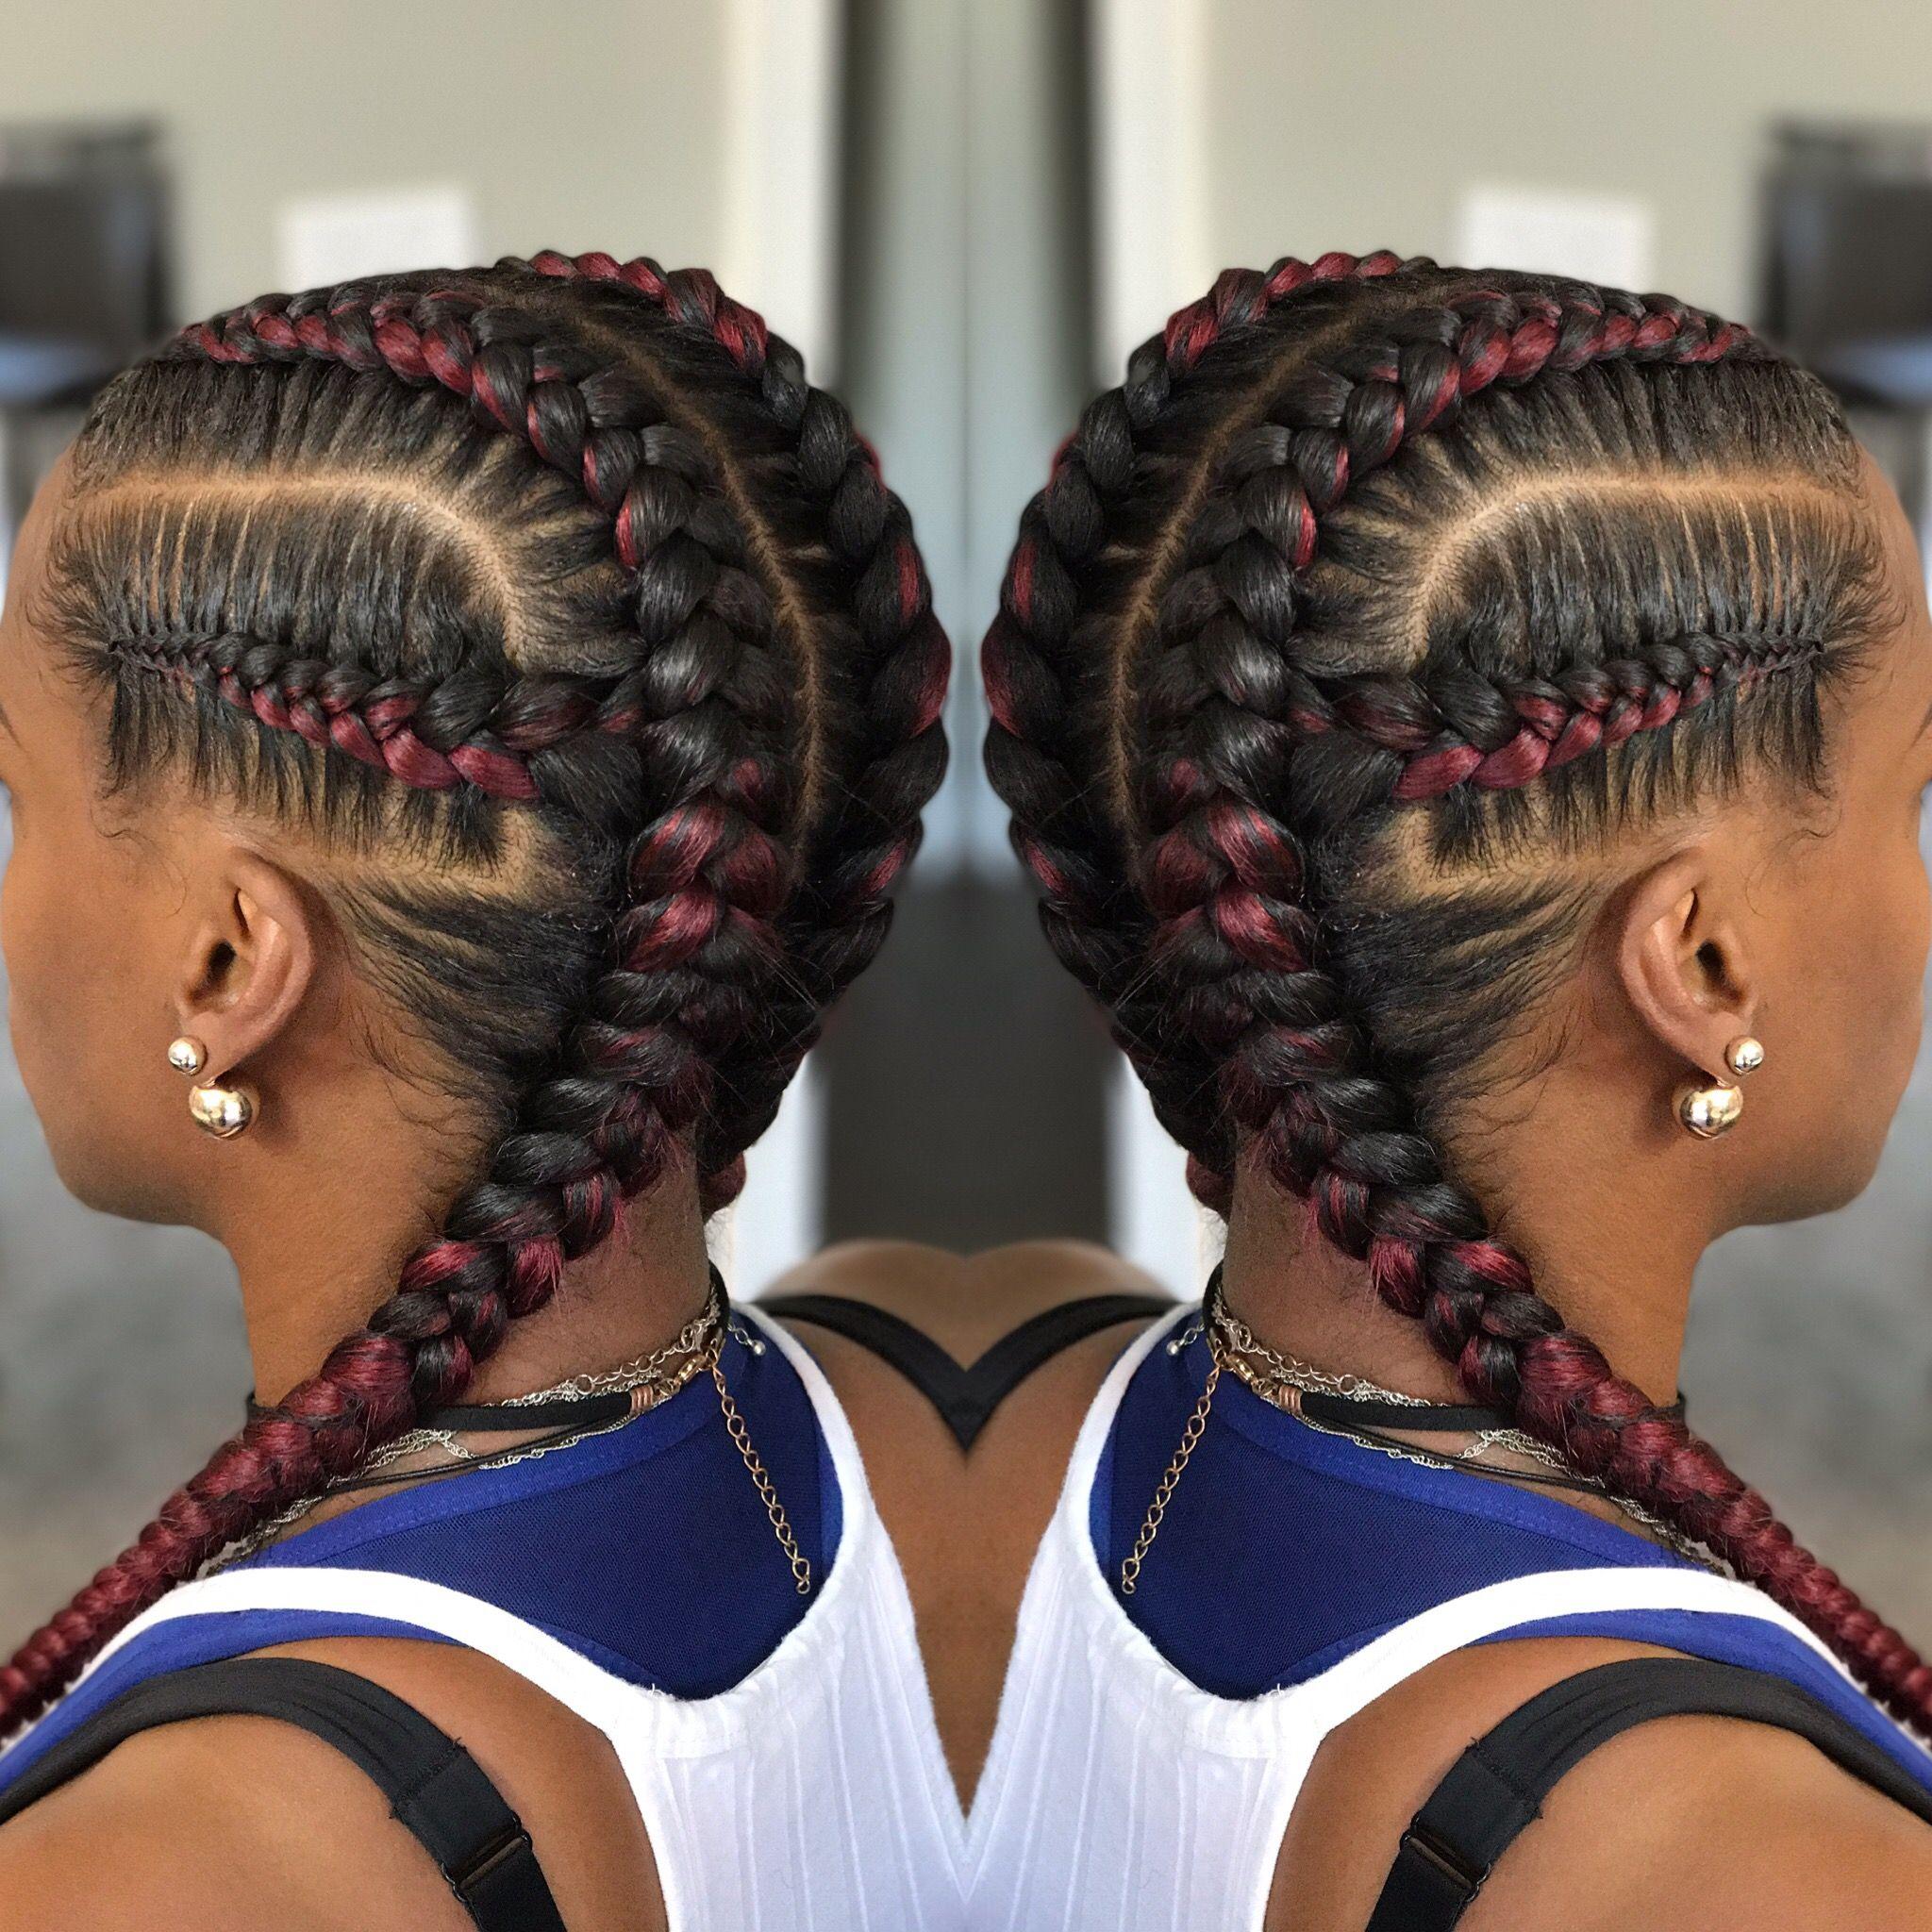 Phoenix Tempe Hairstylist Book online rmarzdivinestylez